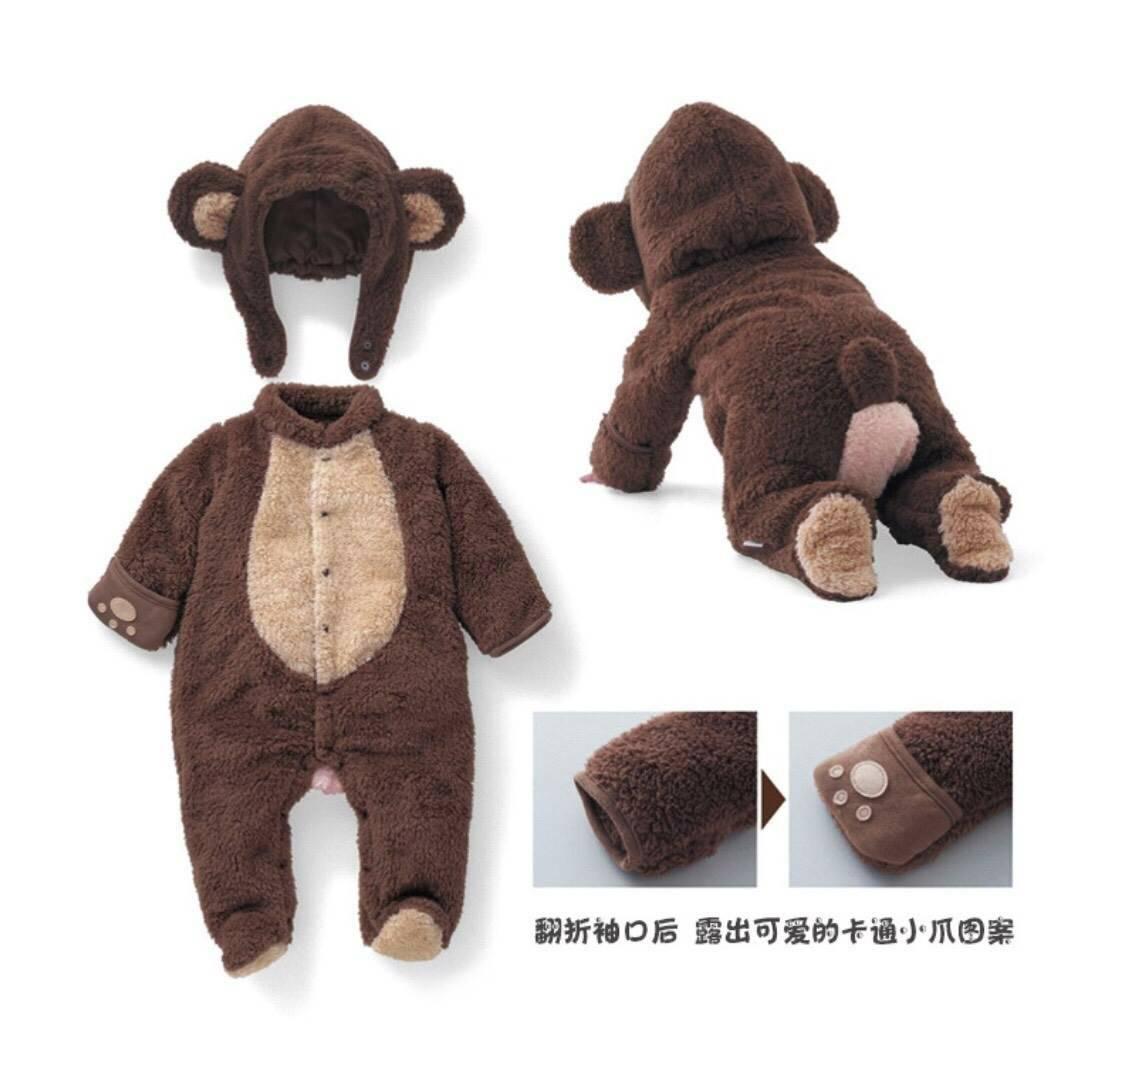 บอดี้สูท BABY ANIMAL  หมีสีน้ำตาลช็อคโกแลต